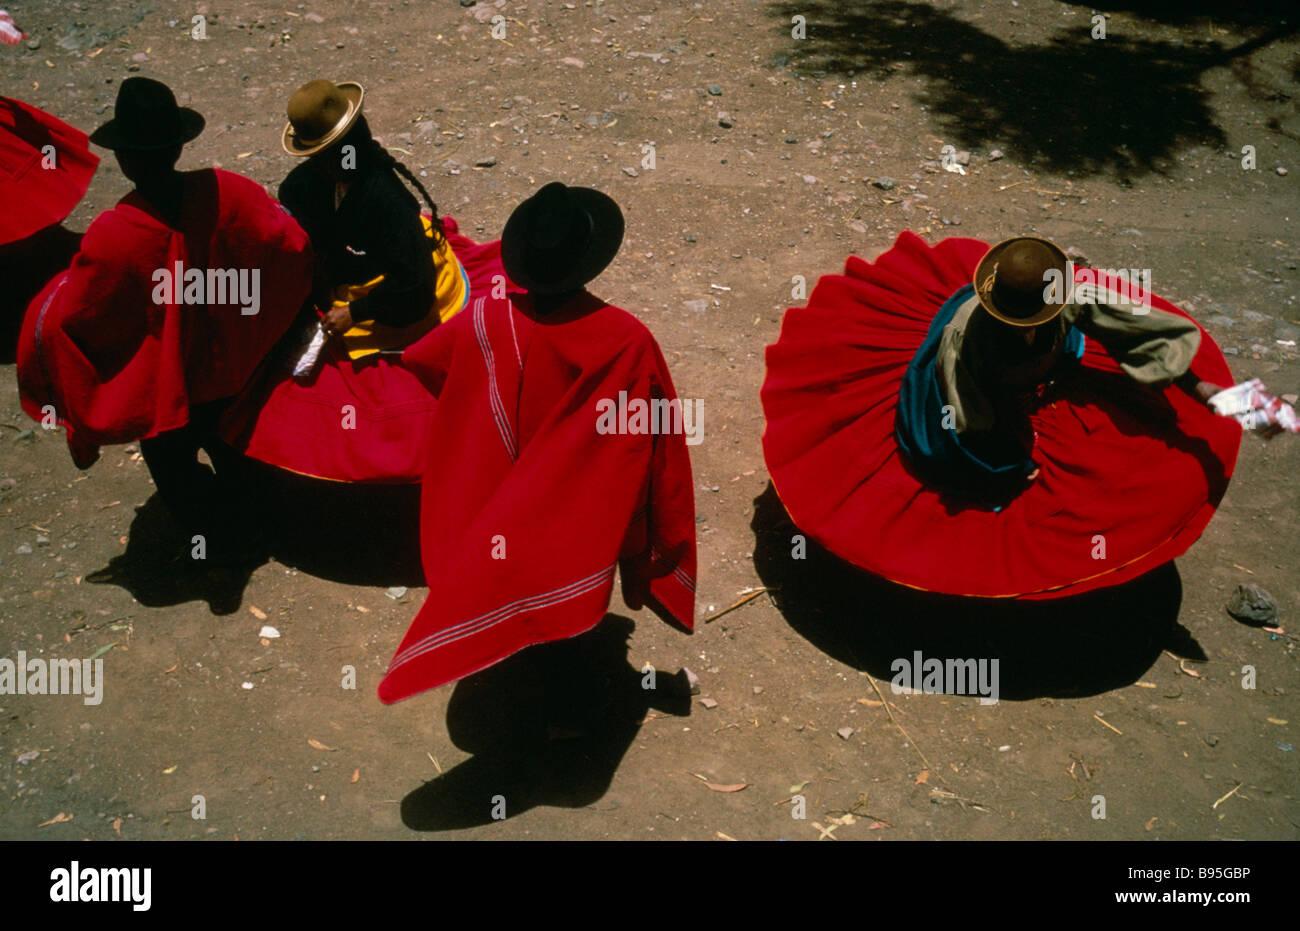 Perú Puno Lago Titicaca Aymara indios andinos spinning bailarines vestidos  de rojo faldas y ponchos festividades 7baf9074fe7